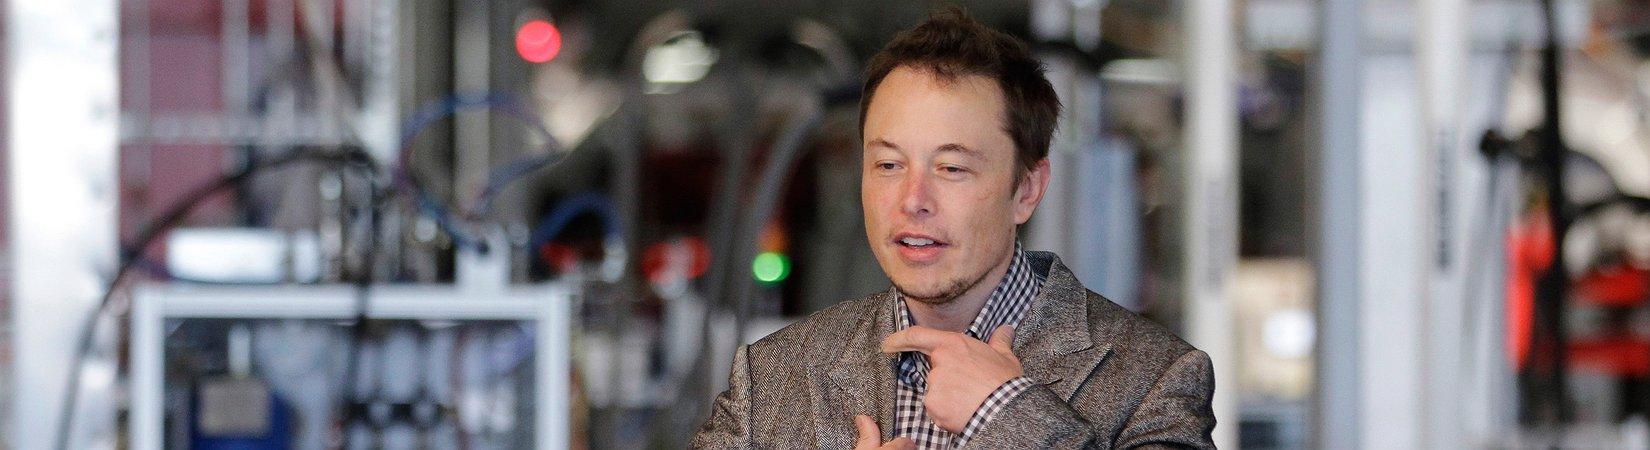 Los 5 hábitos de Elon Musk para mantener la productividad